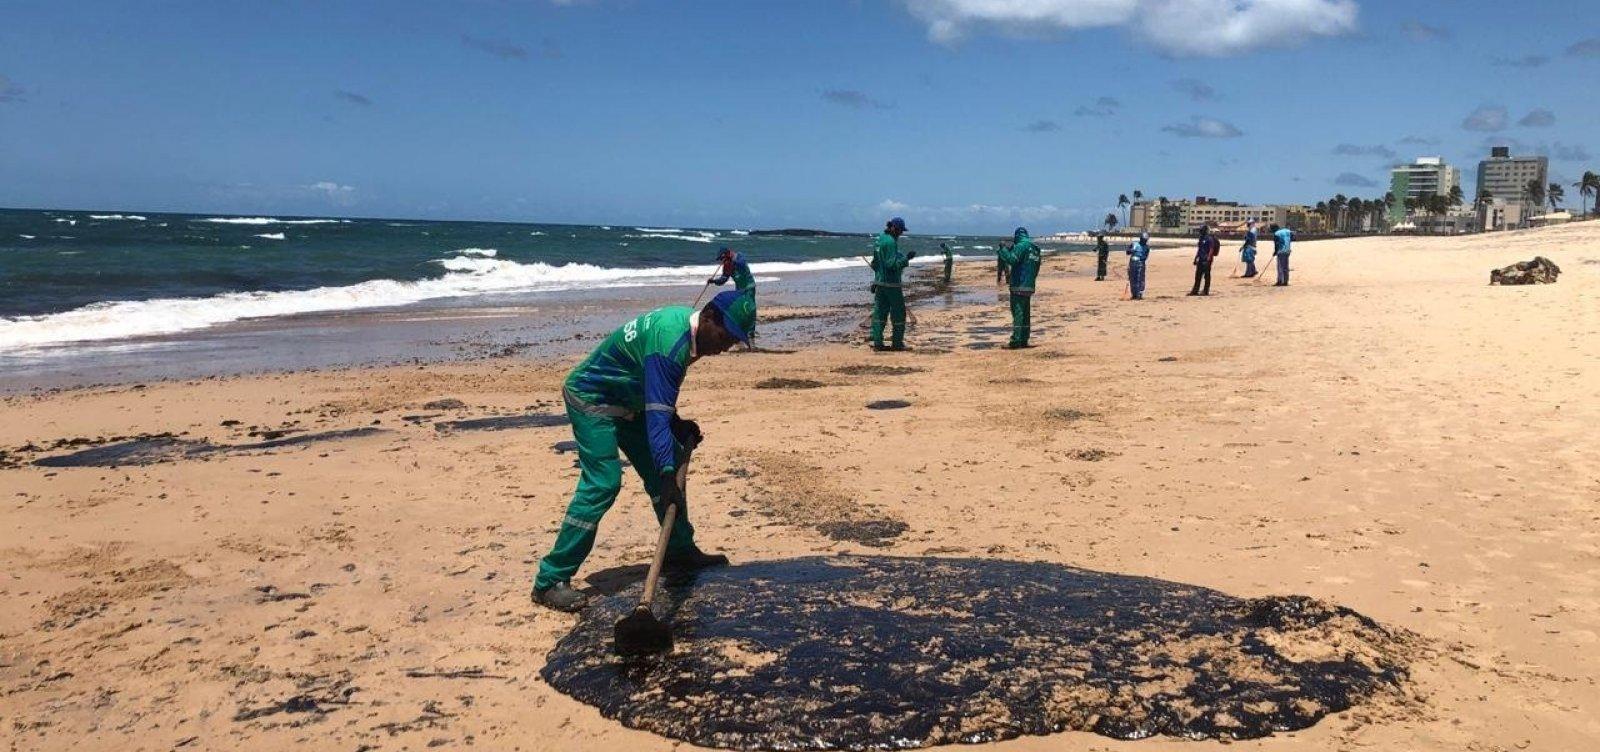 [Estudo da UFRJ localiza origem de vazamento de petróleo cru no mar]